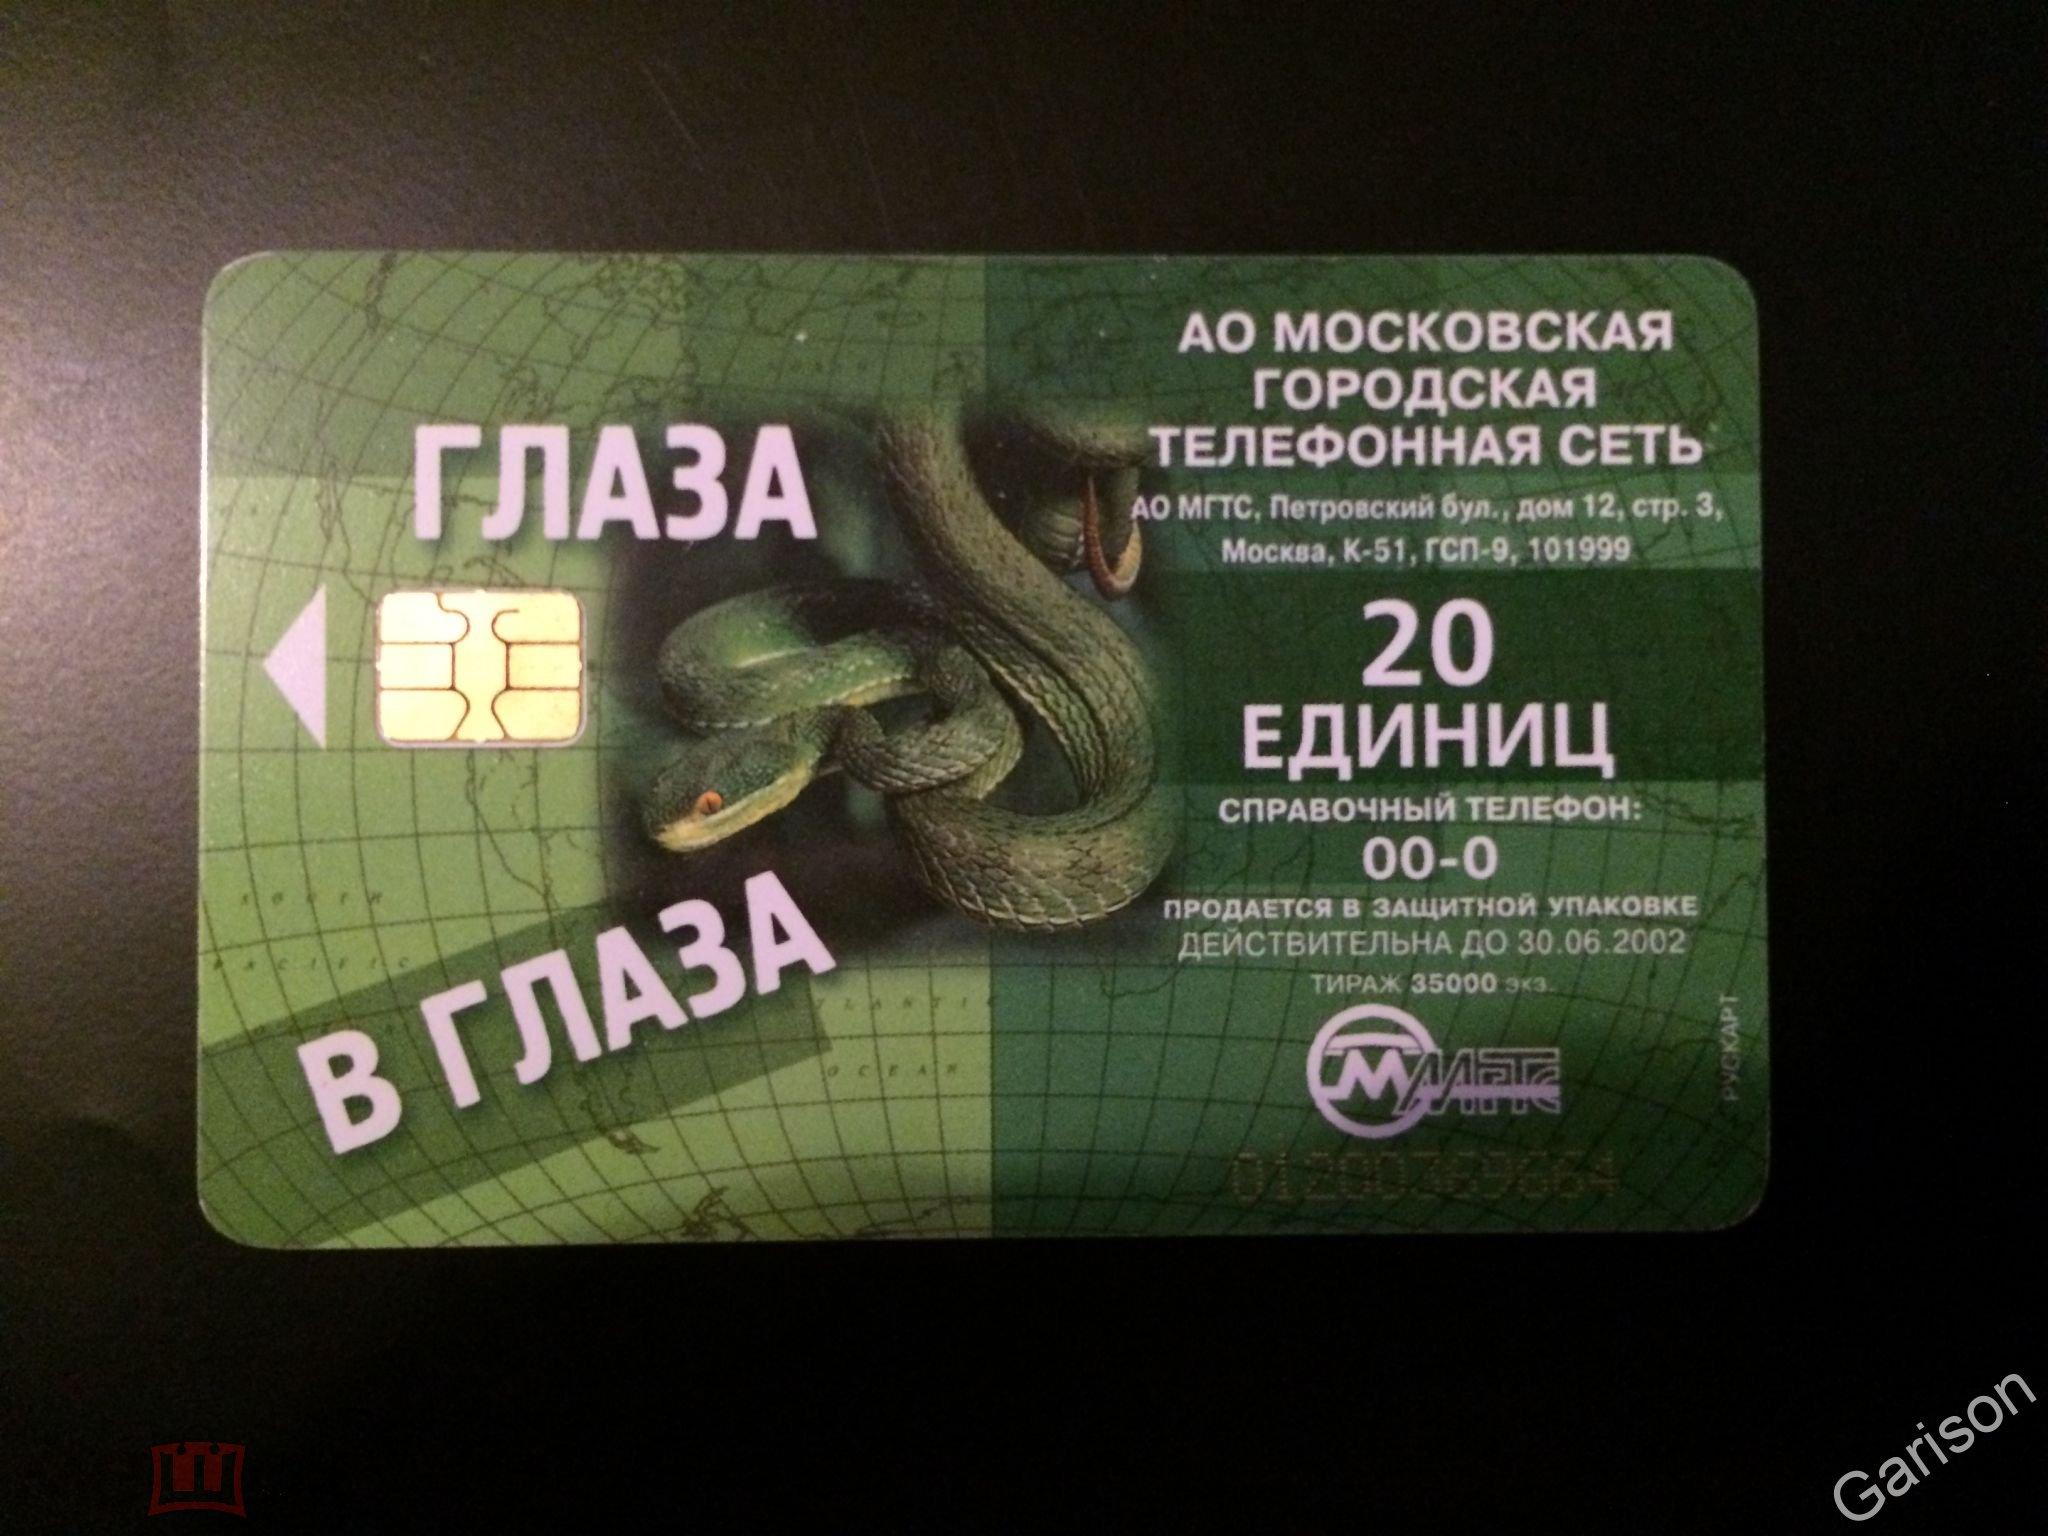 Телефонная карта МГТС Москва серия Глаза в глаза Змея тираж 35000 шт чиповая